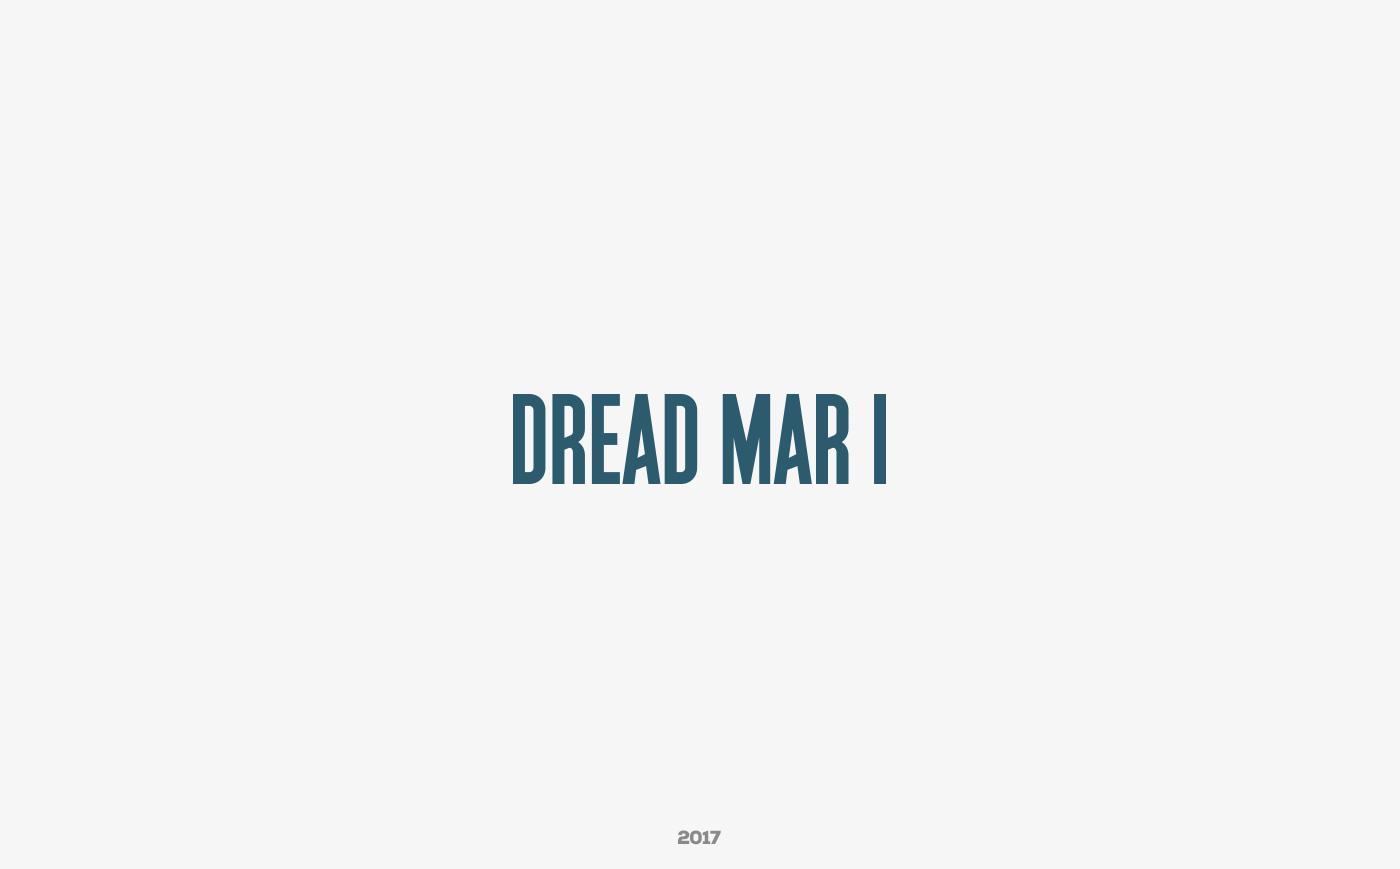 DREAD-MAR-I-LOGO-2017-01